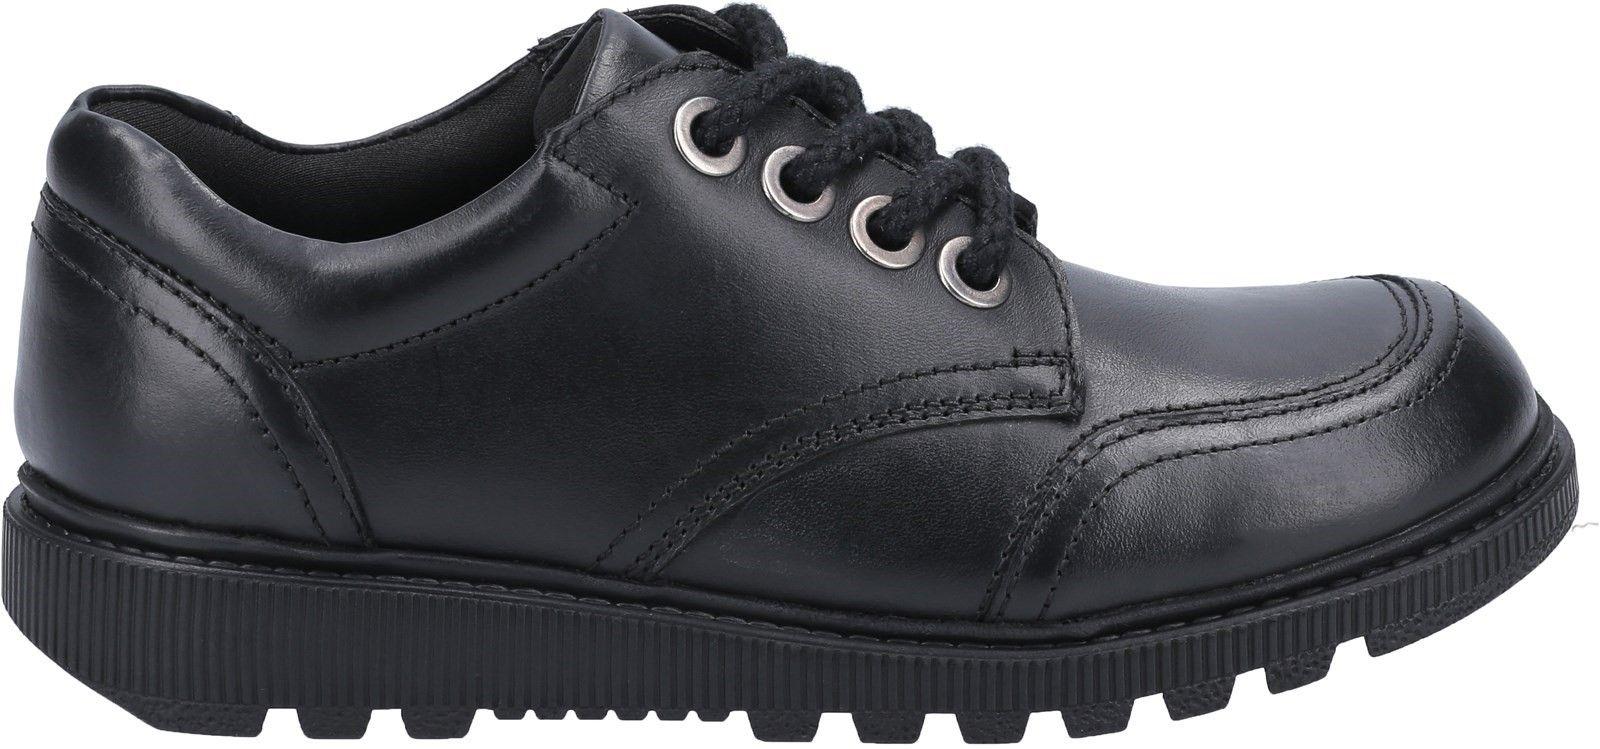 Kiera Senior School Shoe